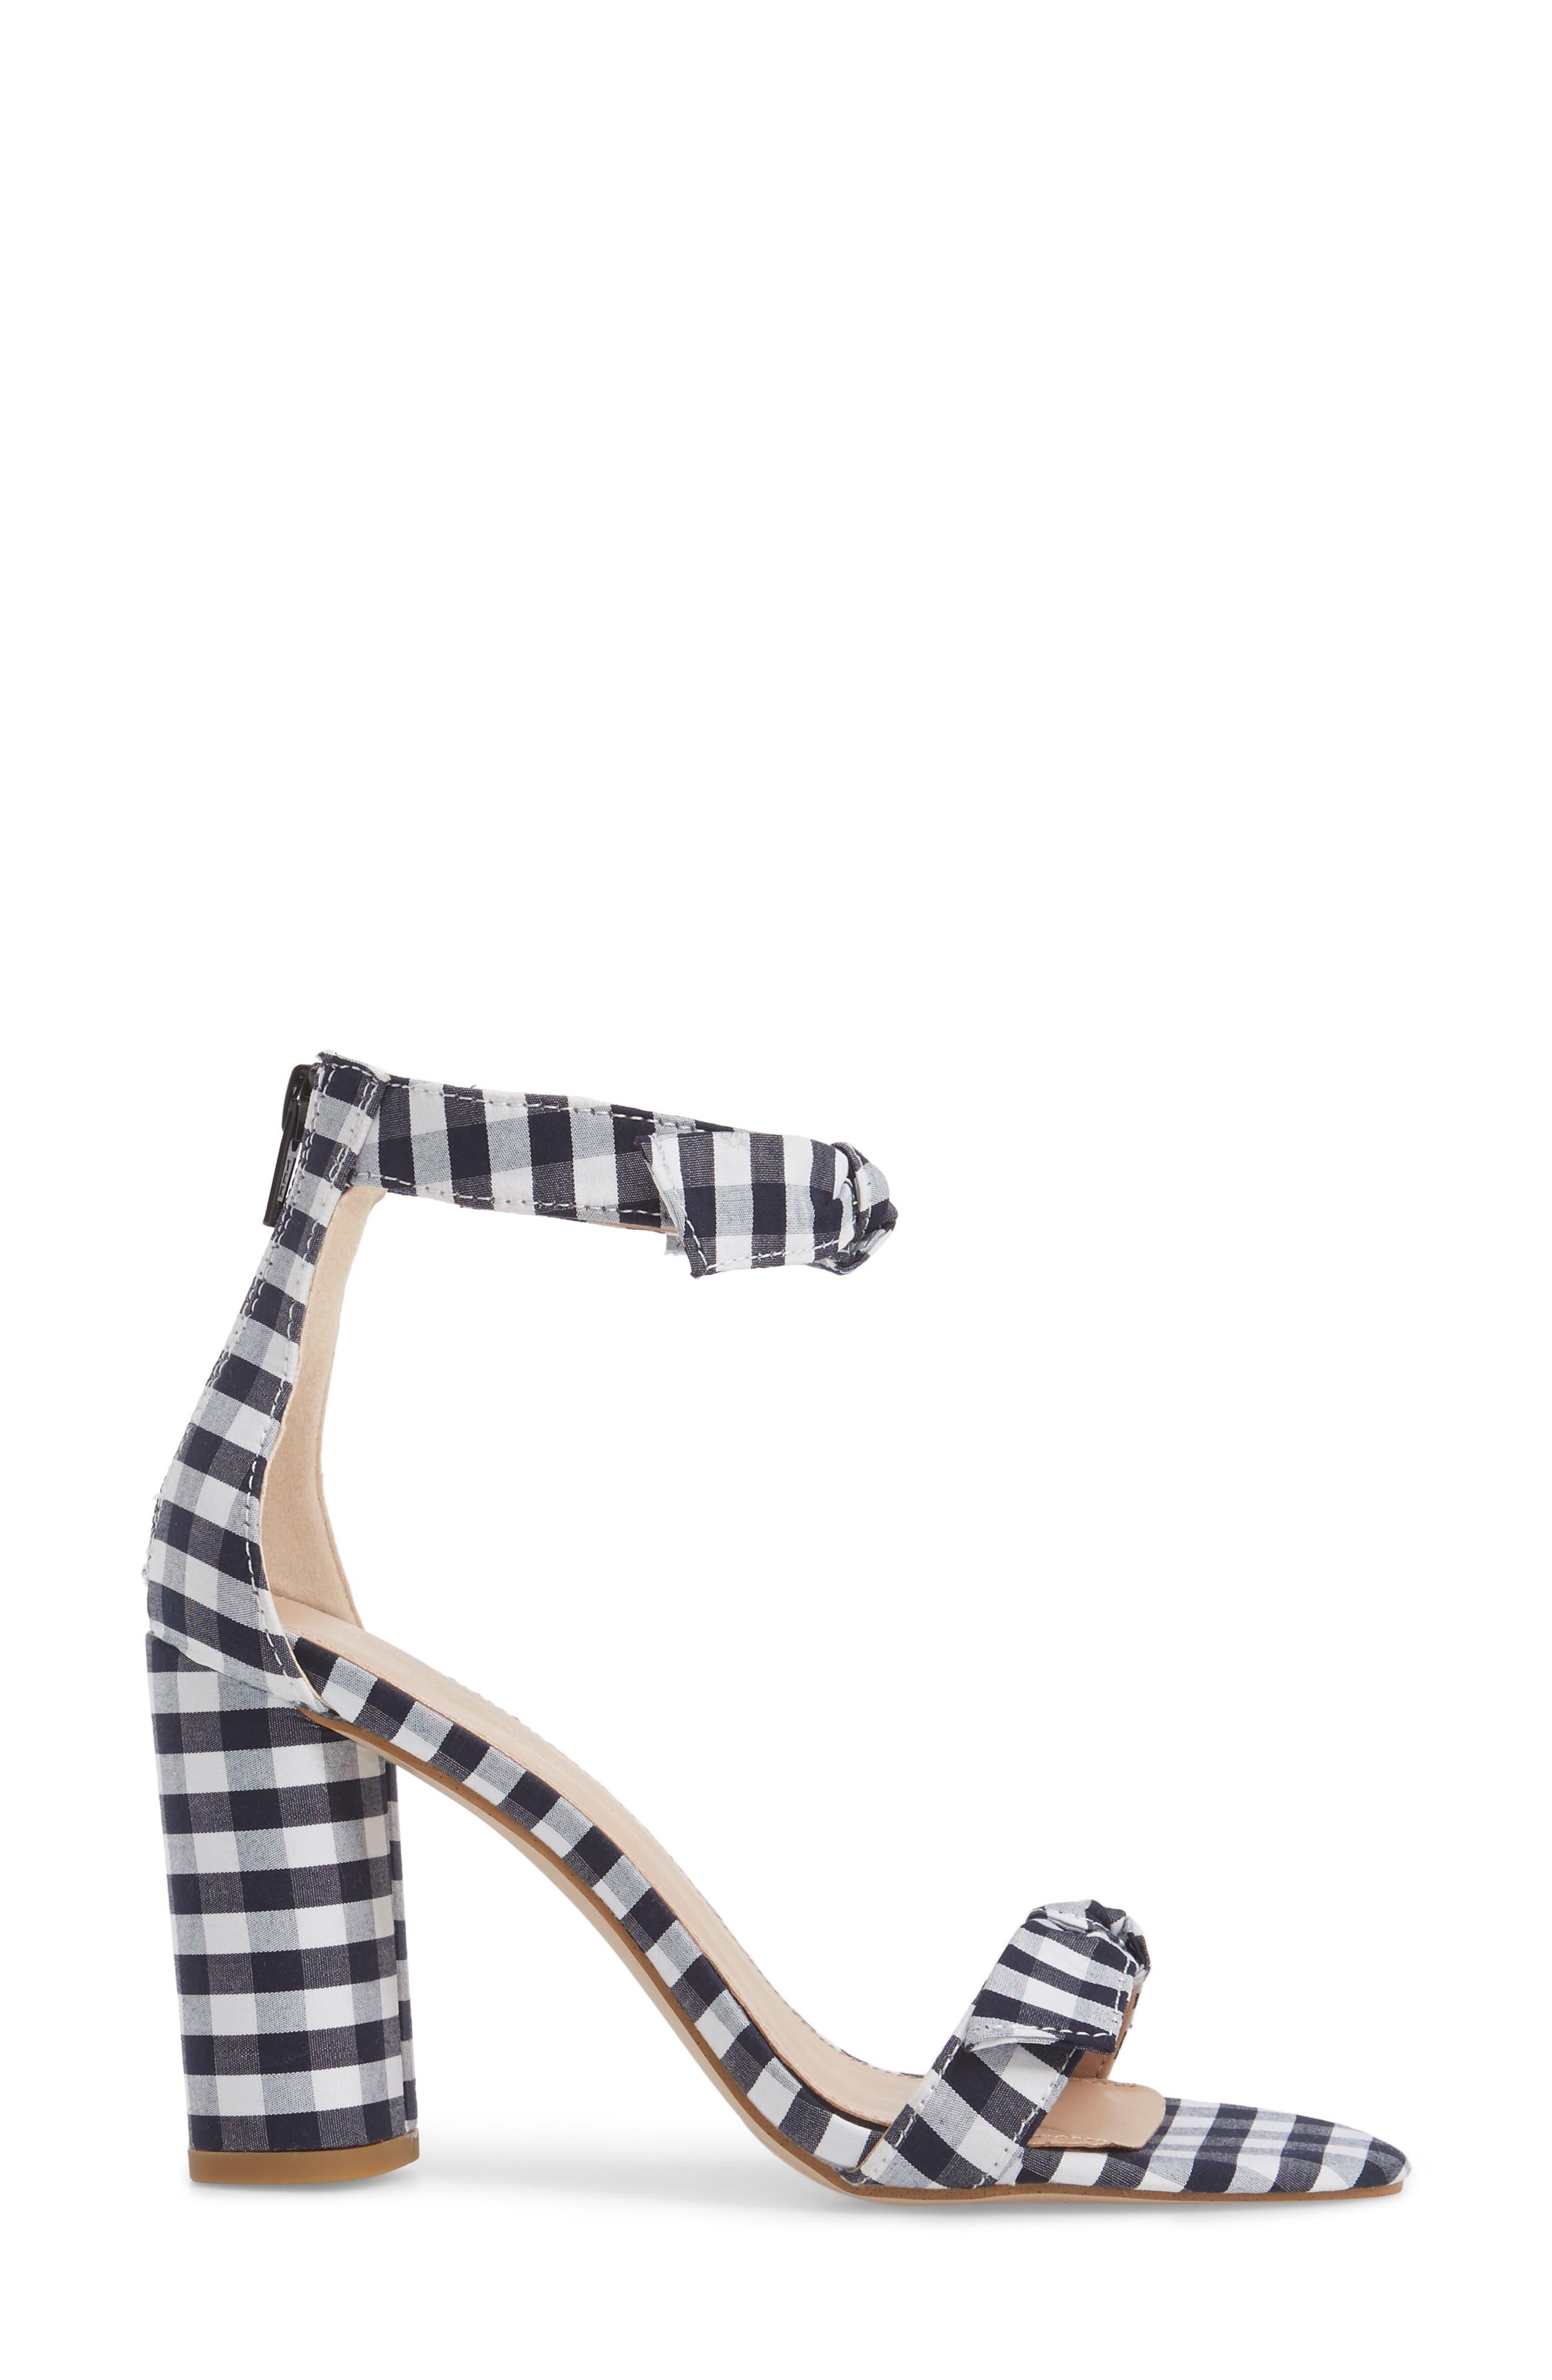 Faedra Ankle Strap Sandal,                             Alternate thumbnail 3, color,                             Dark Blue/ White